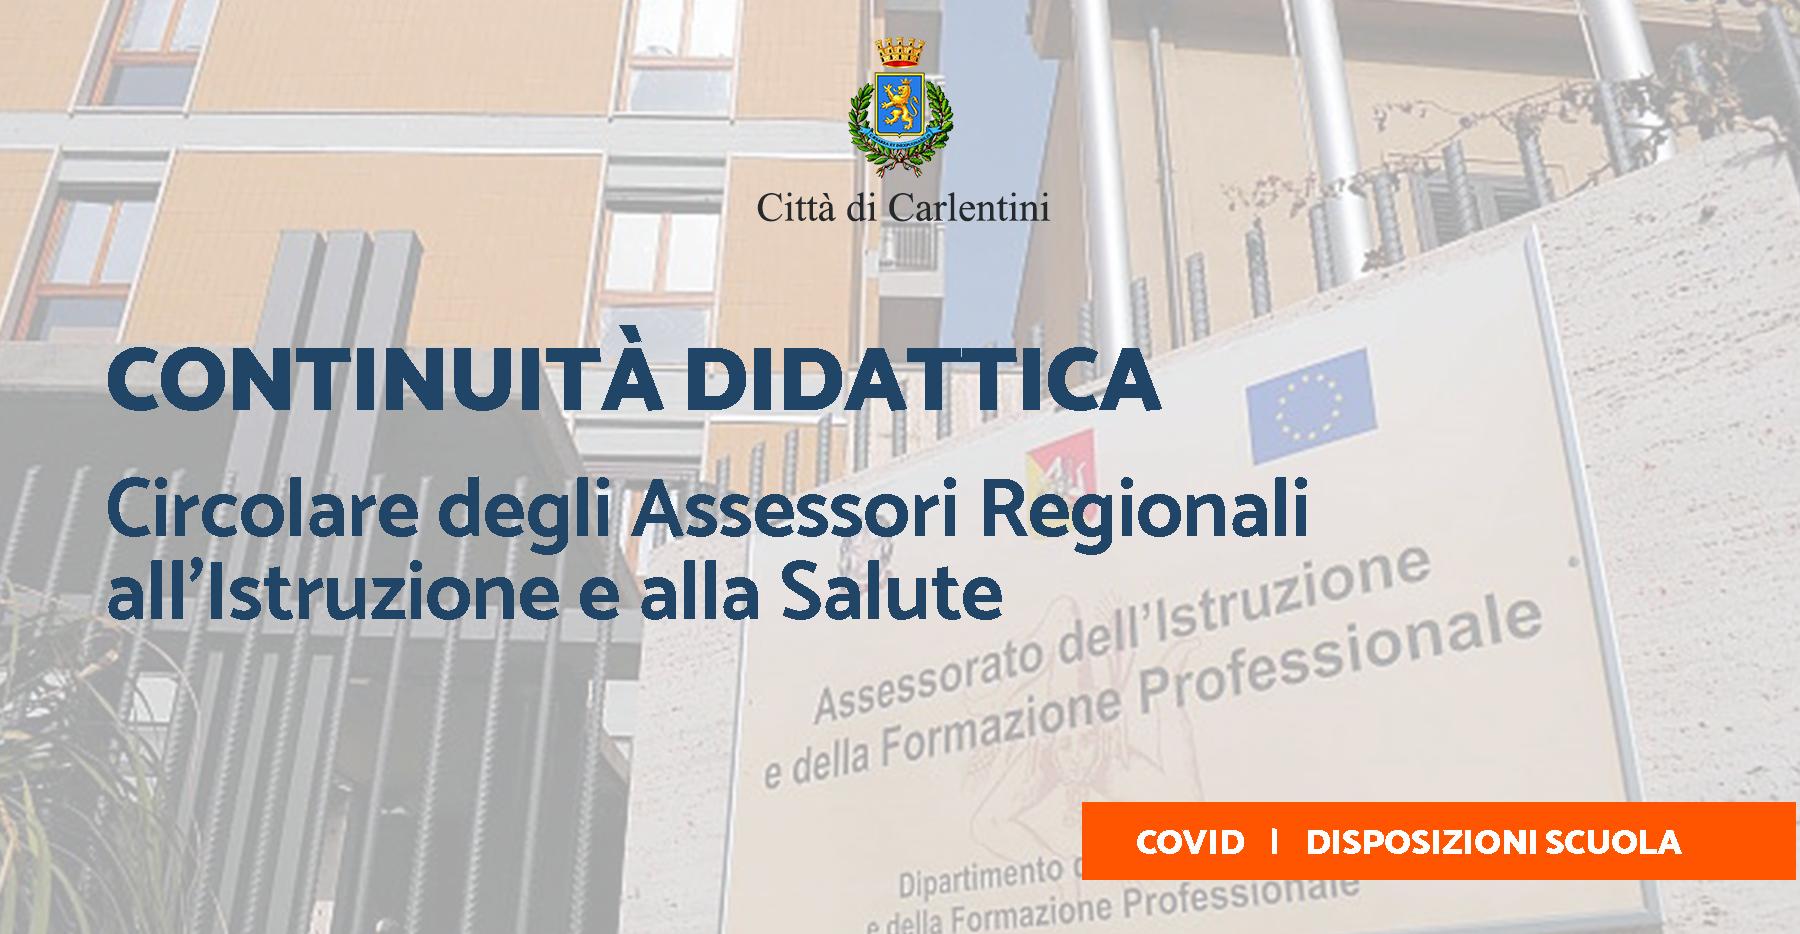 Continuità didattica: la circolare degli Assessori Regionali all'Istruzione e alla Salute